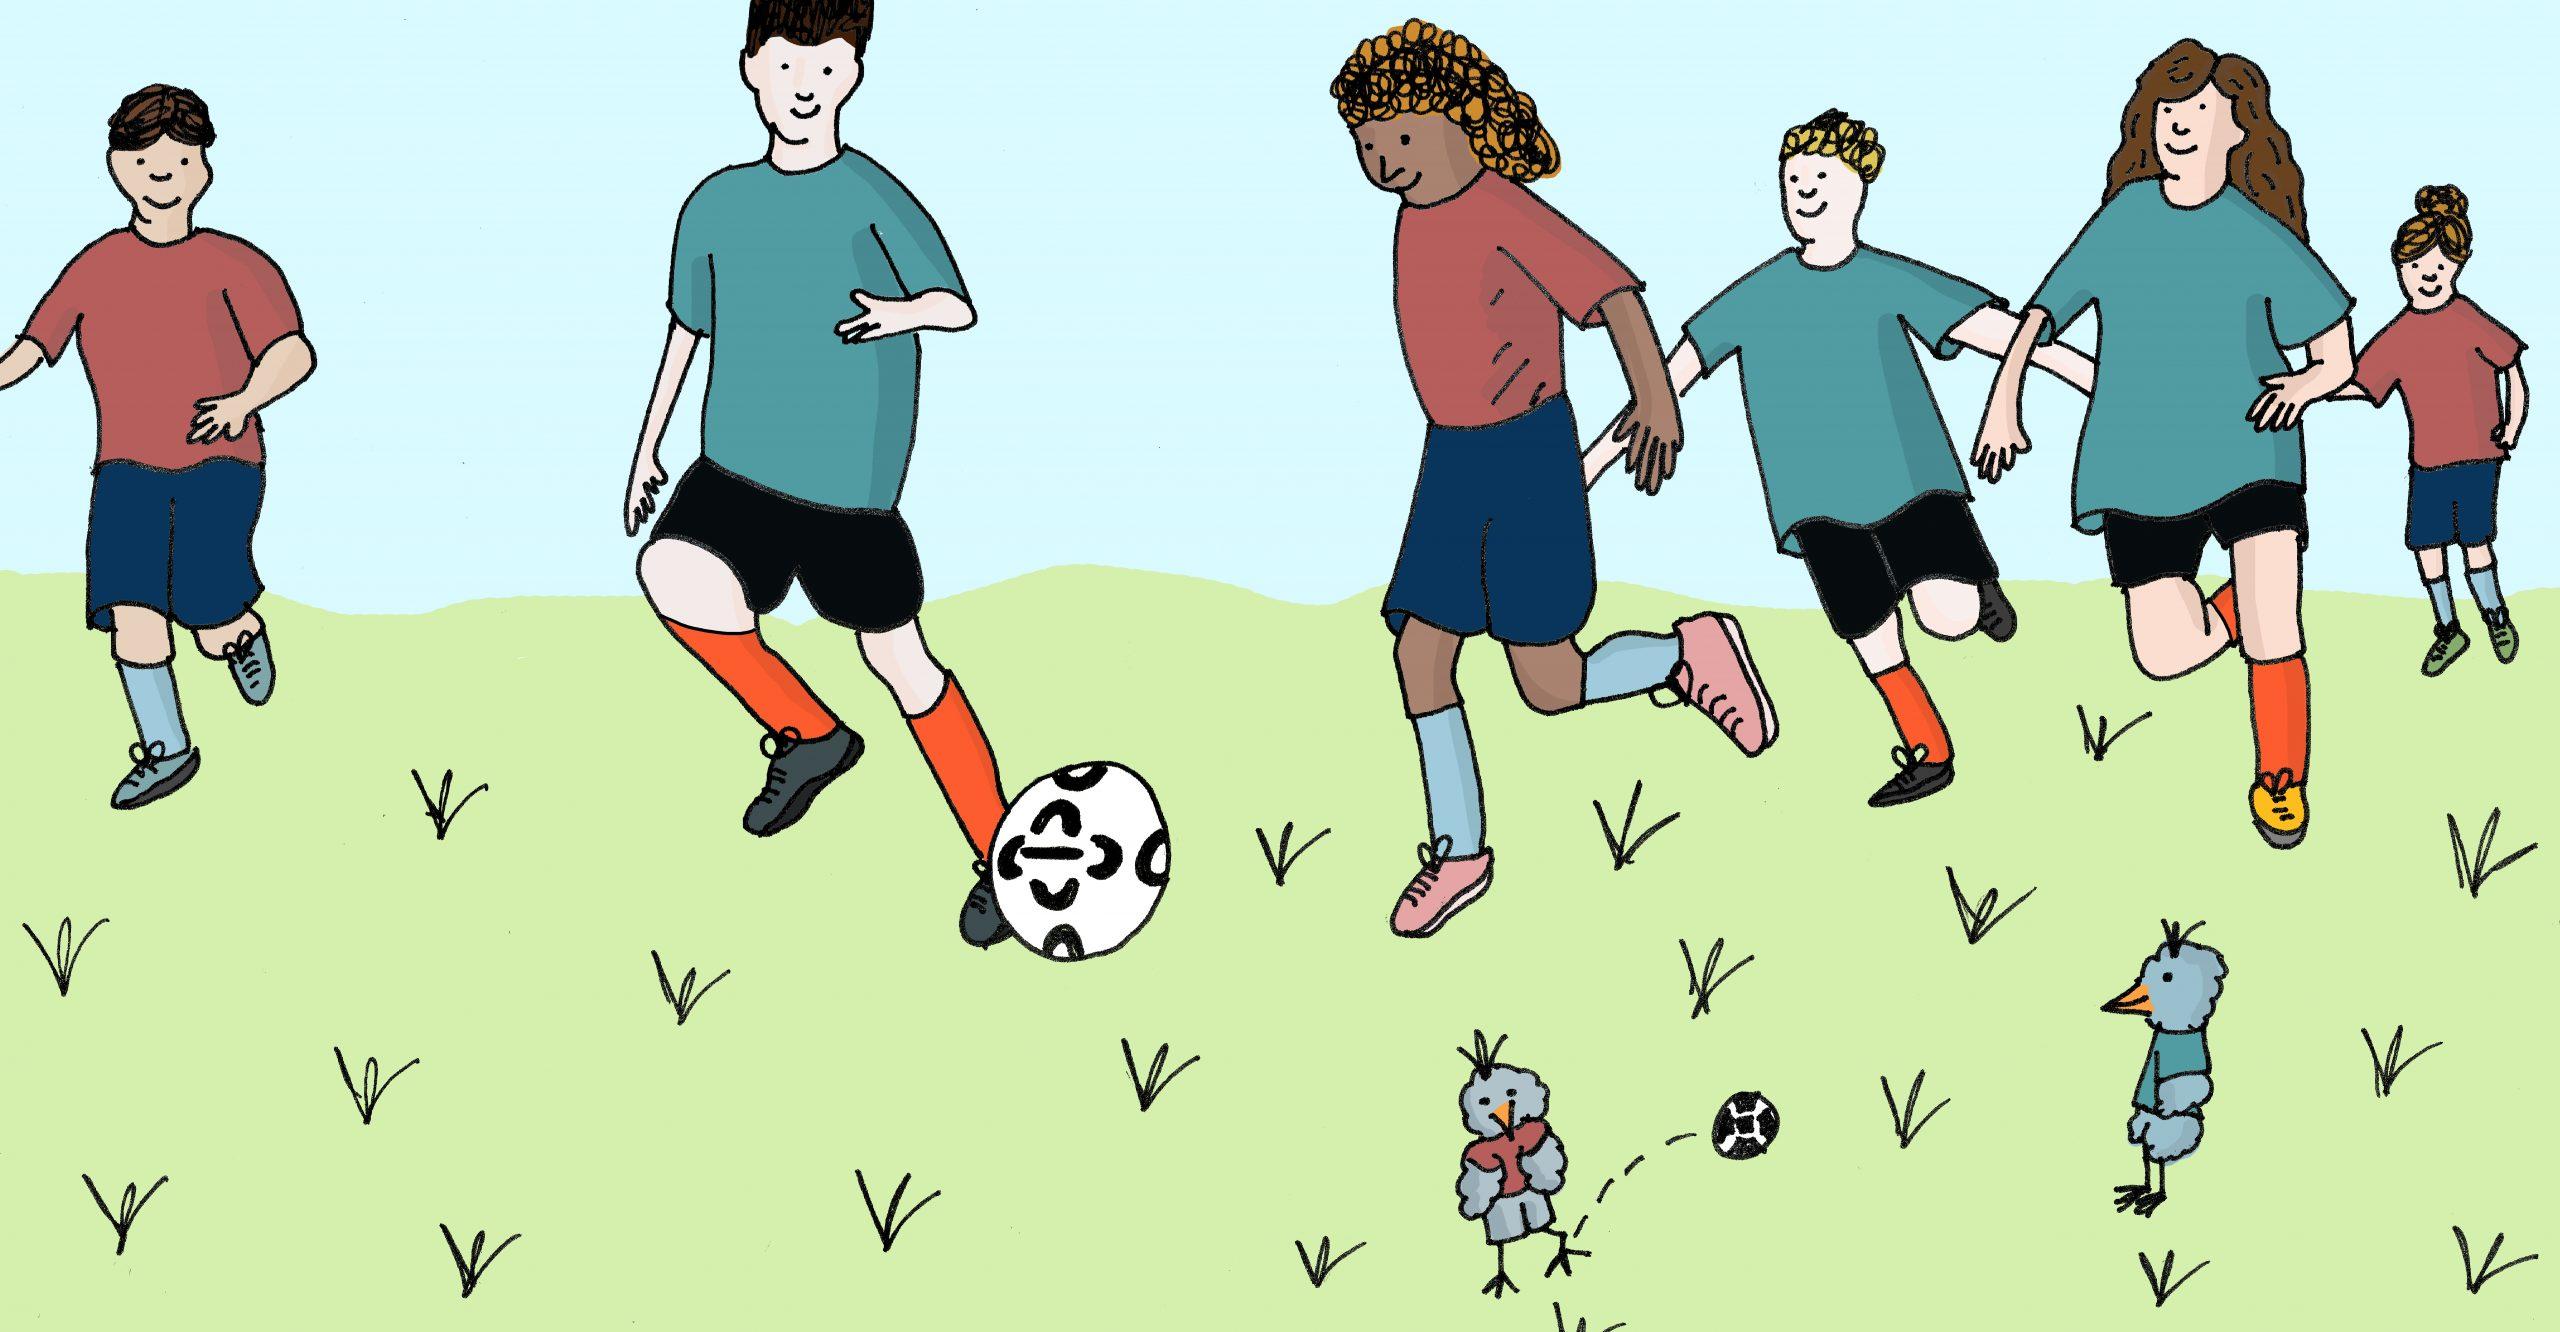 Wil jouw kind op muziek of sport? Geld hoeft geen belemmering te zijn!